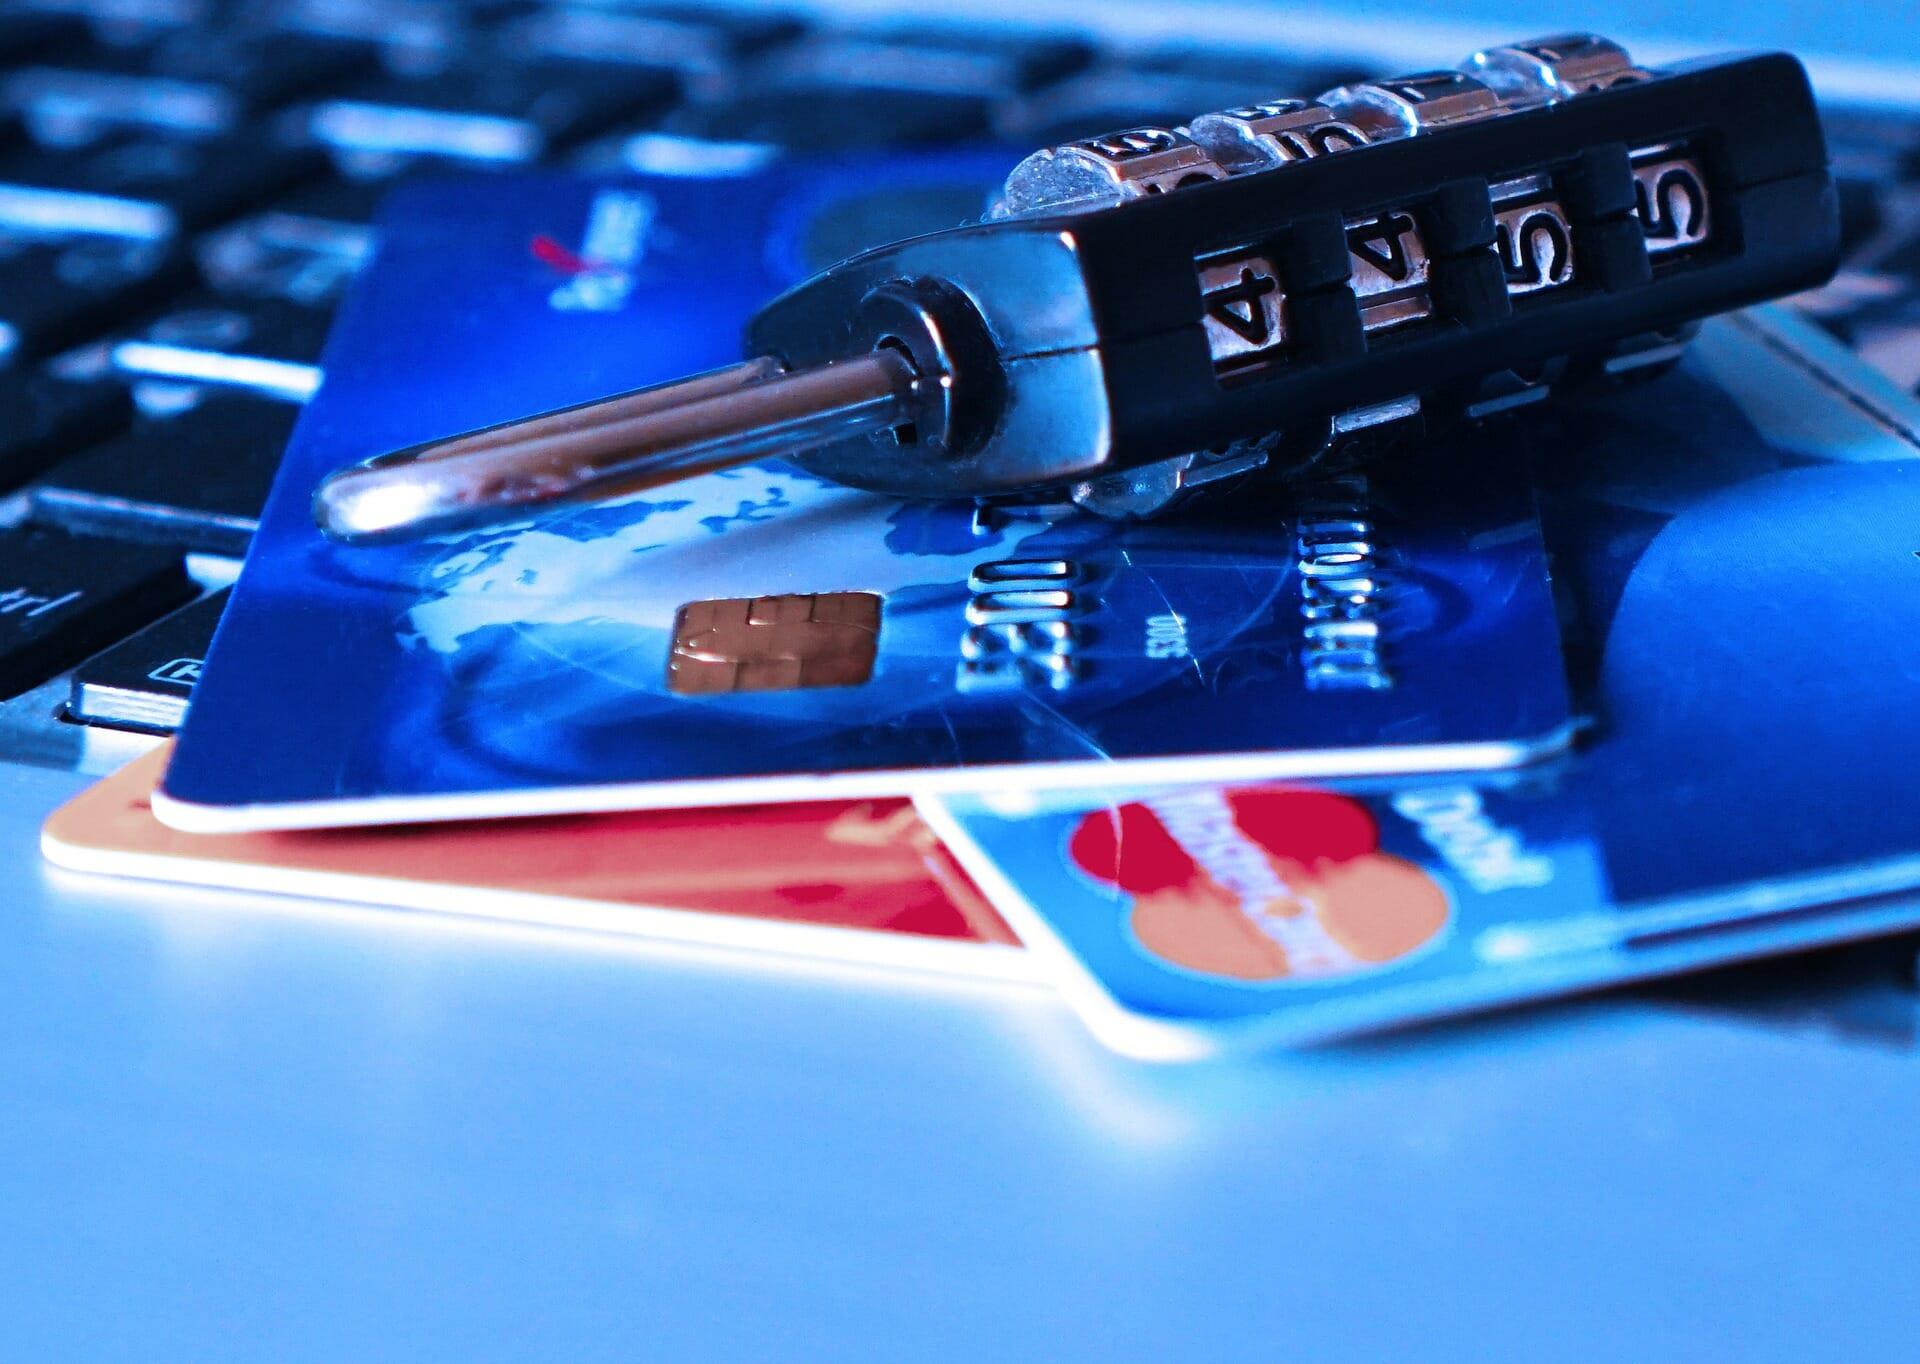 Hacker đánh cắp và kiếm tiền từ thông tin cá nhân người dùng thế nào? - 3